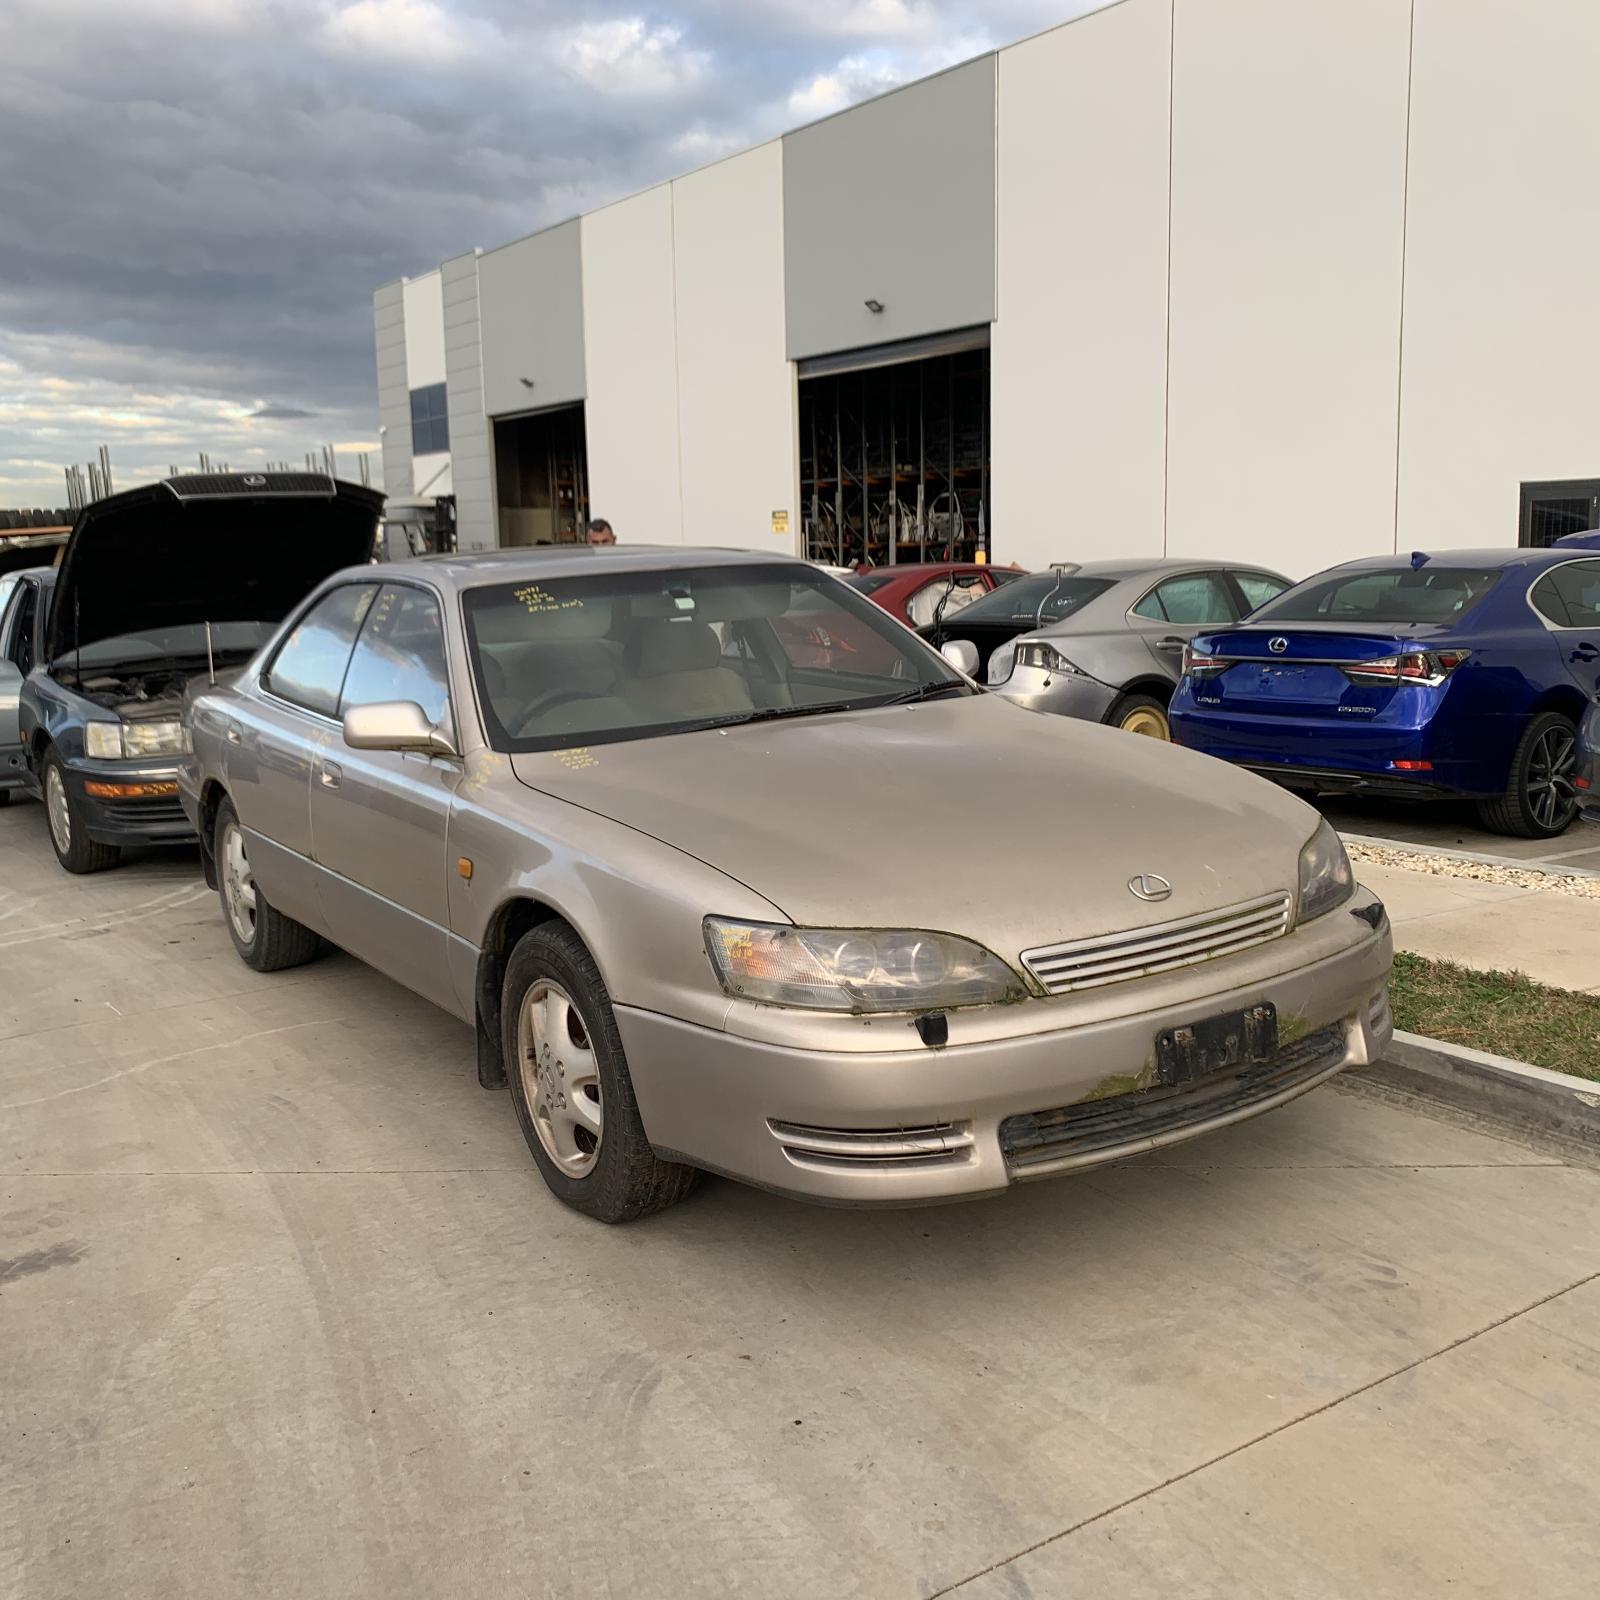 Lexus ES300 VCV10 3VZ-FE 3.0L Engine Automatic FWD Transmission 06/92 - 09/96